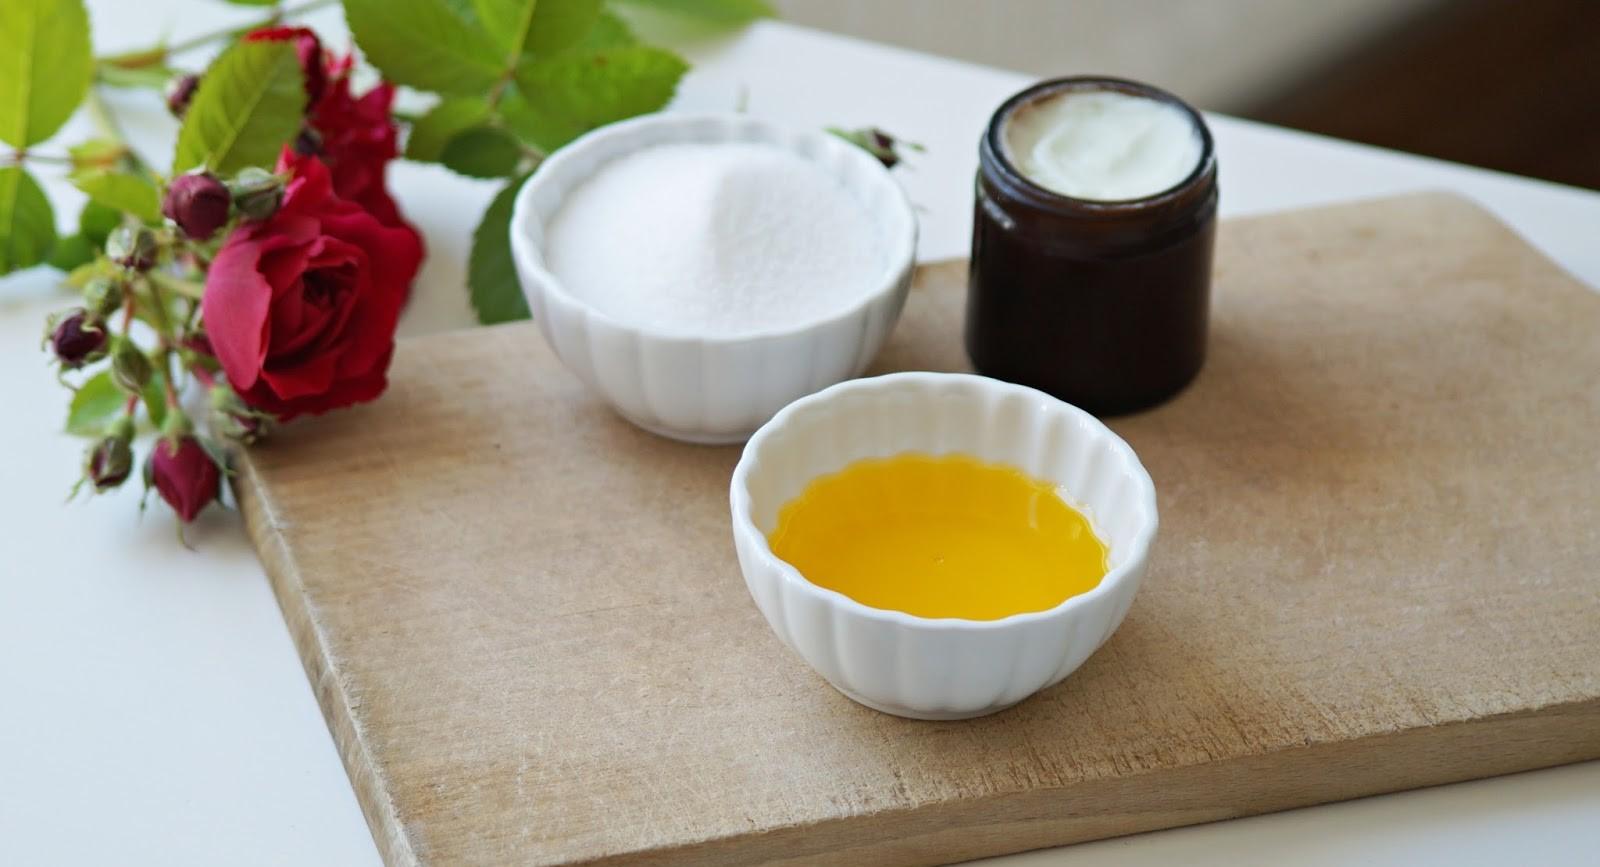 Kosmetyki naturalne z domowego laboratorium część 1